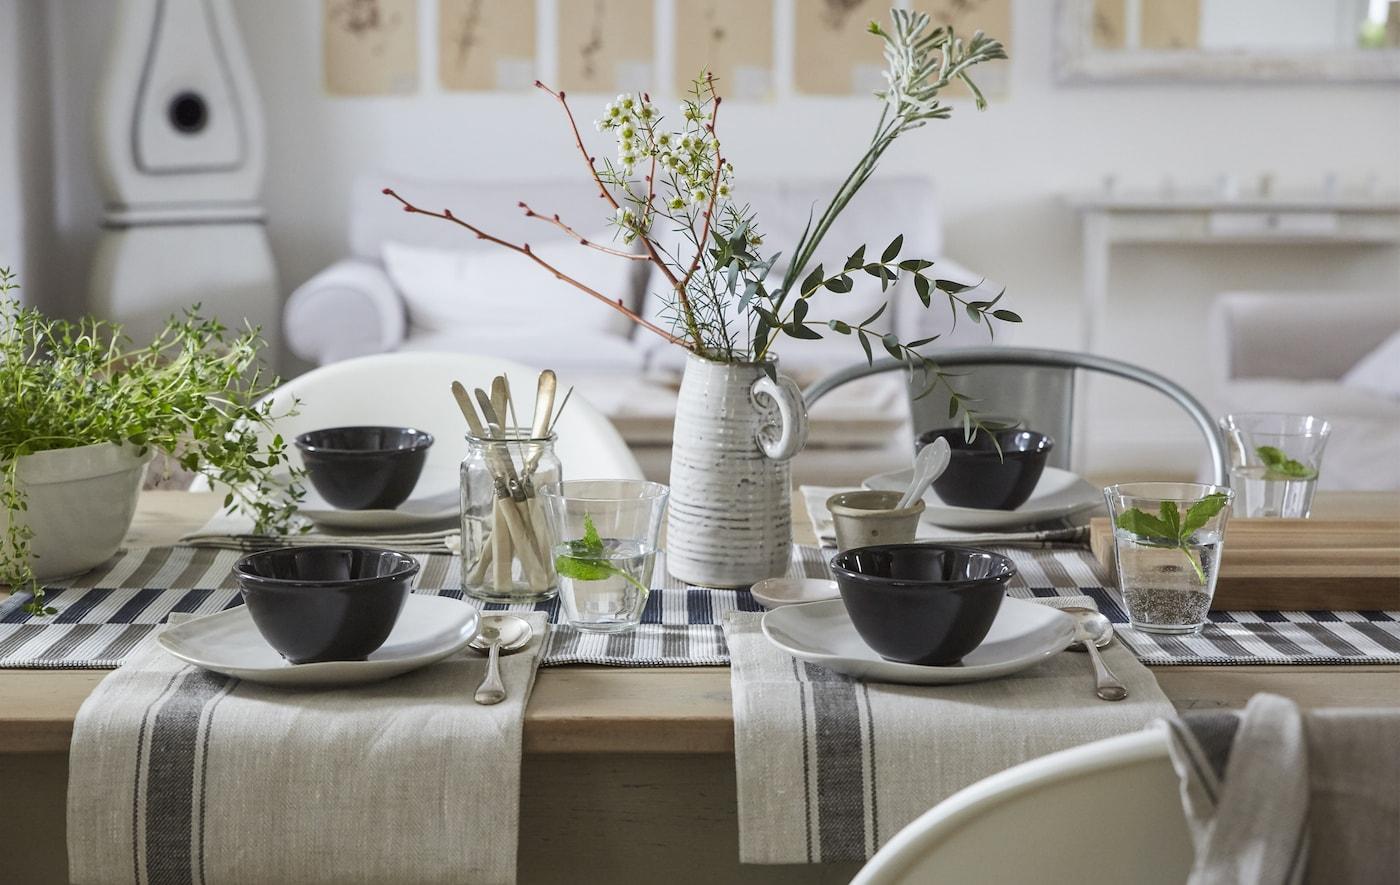 Presentación de mesa en colores neutros con servilletas de algodón, adornos sencillos para cada comensal y un centro de mesa natural.